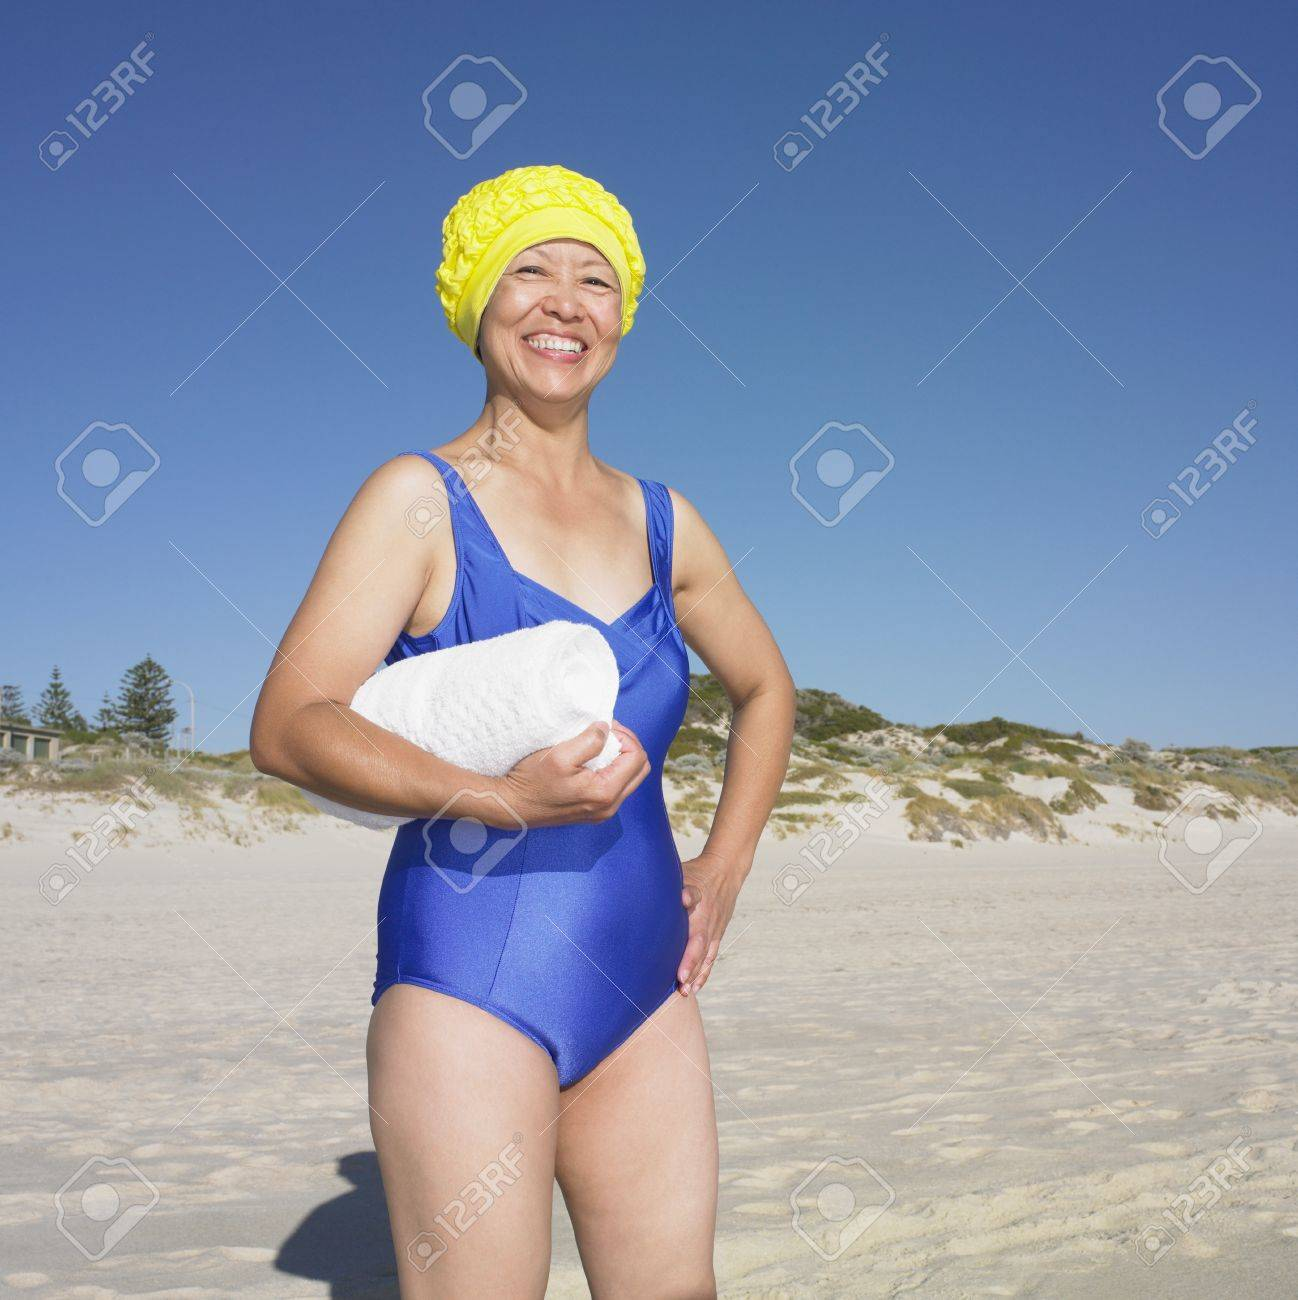 Asiatique Senior Maillot Souriante La Thsdqr Femme En À De Bain Plage cFJlK1